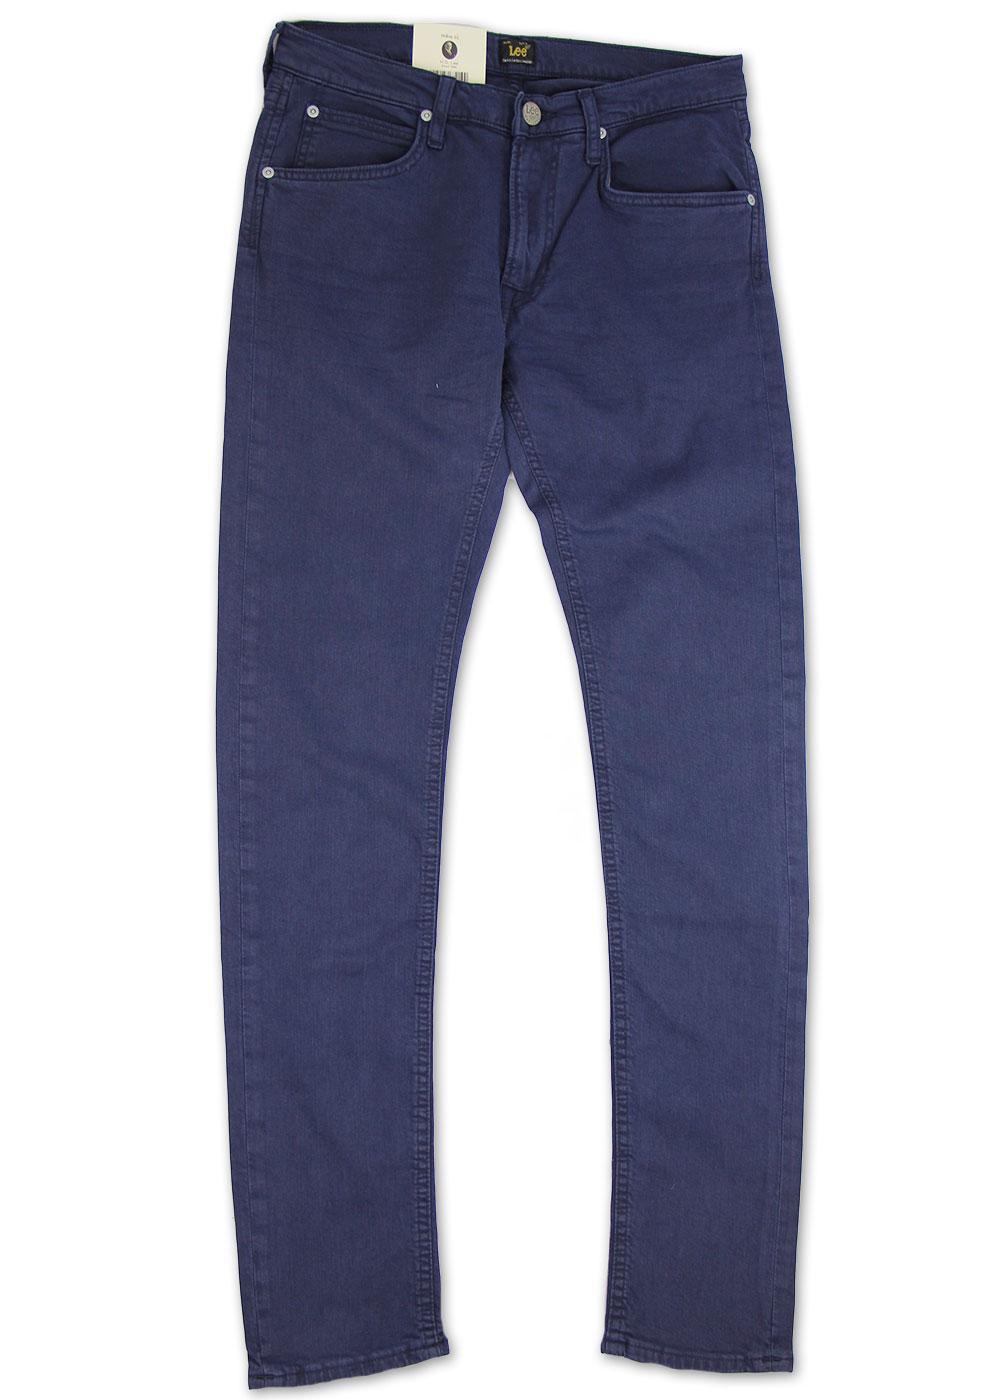 Luke LEE Jeans Retro Slim Tapered Indie Jeans N